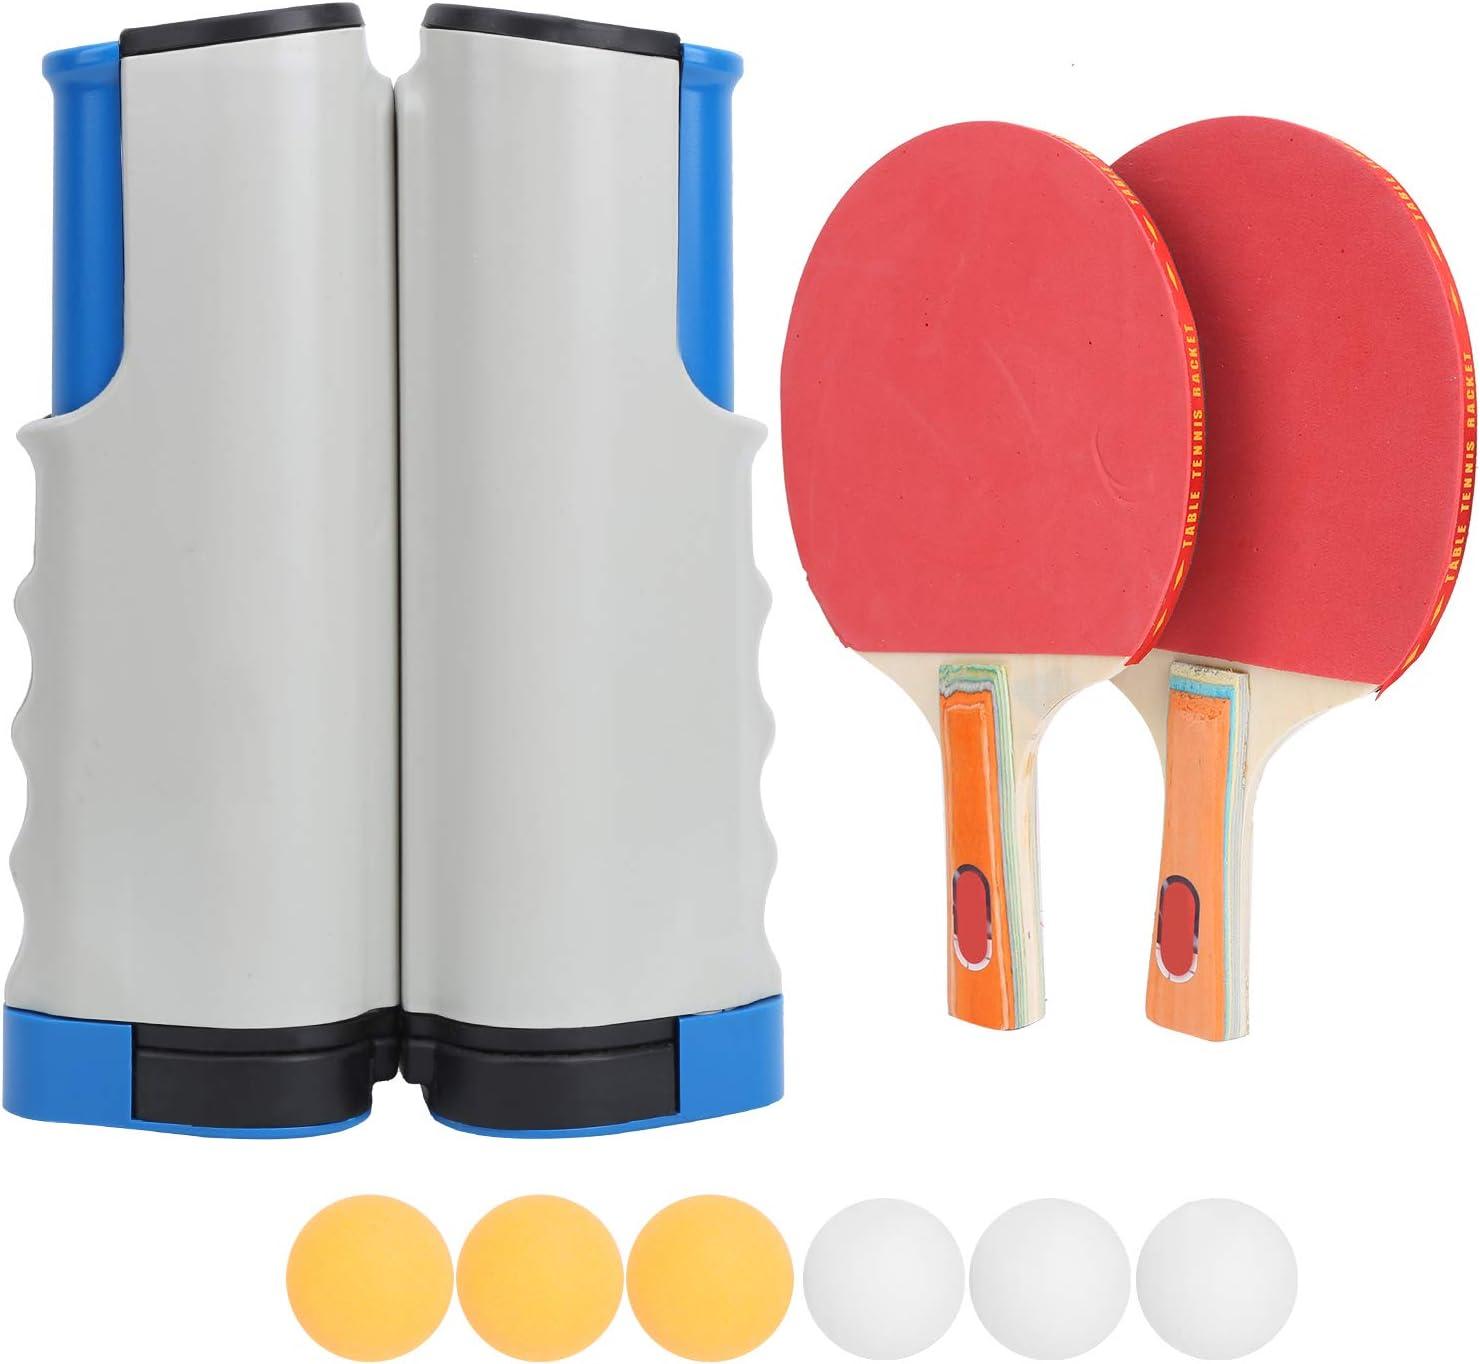 Surebuy Herramienta de Entrenamiento de Tenis de Mesa, Juego de Tenis de Mesa El Entrenamiento de reacción no se desliza Material ABS fácil de Instalar para Juegos recreativos